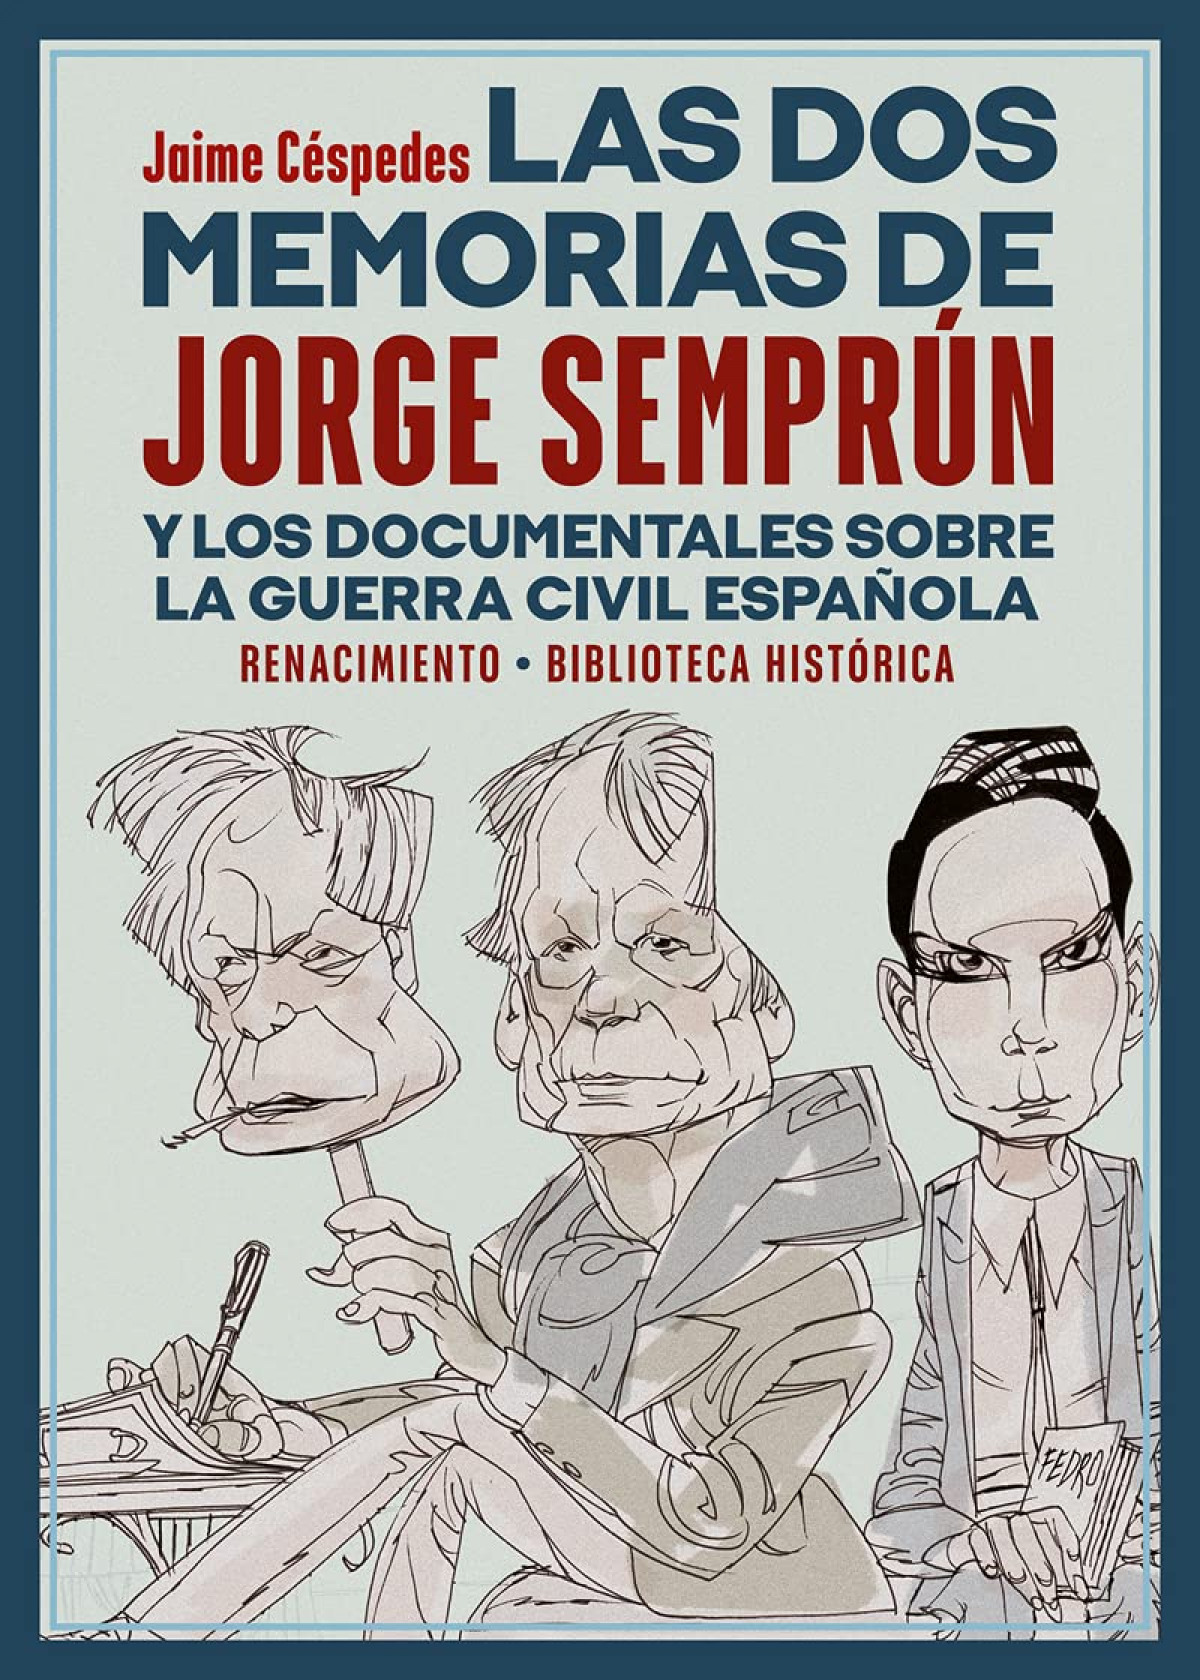 Las dos memorias de Jorge Semprún y los documentales sobre la Guerra Civil Española